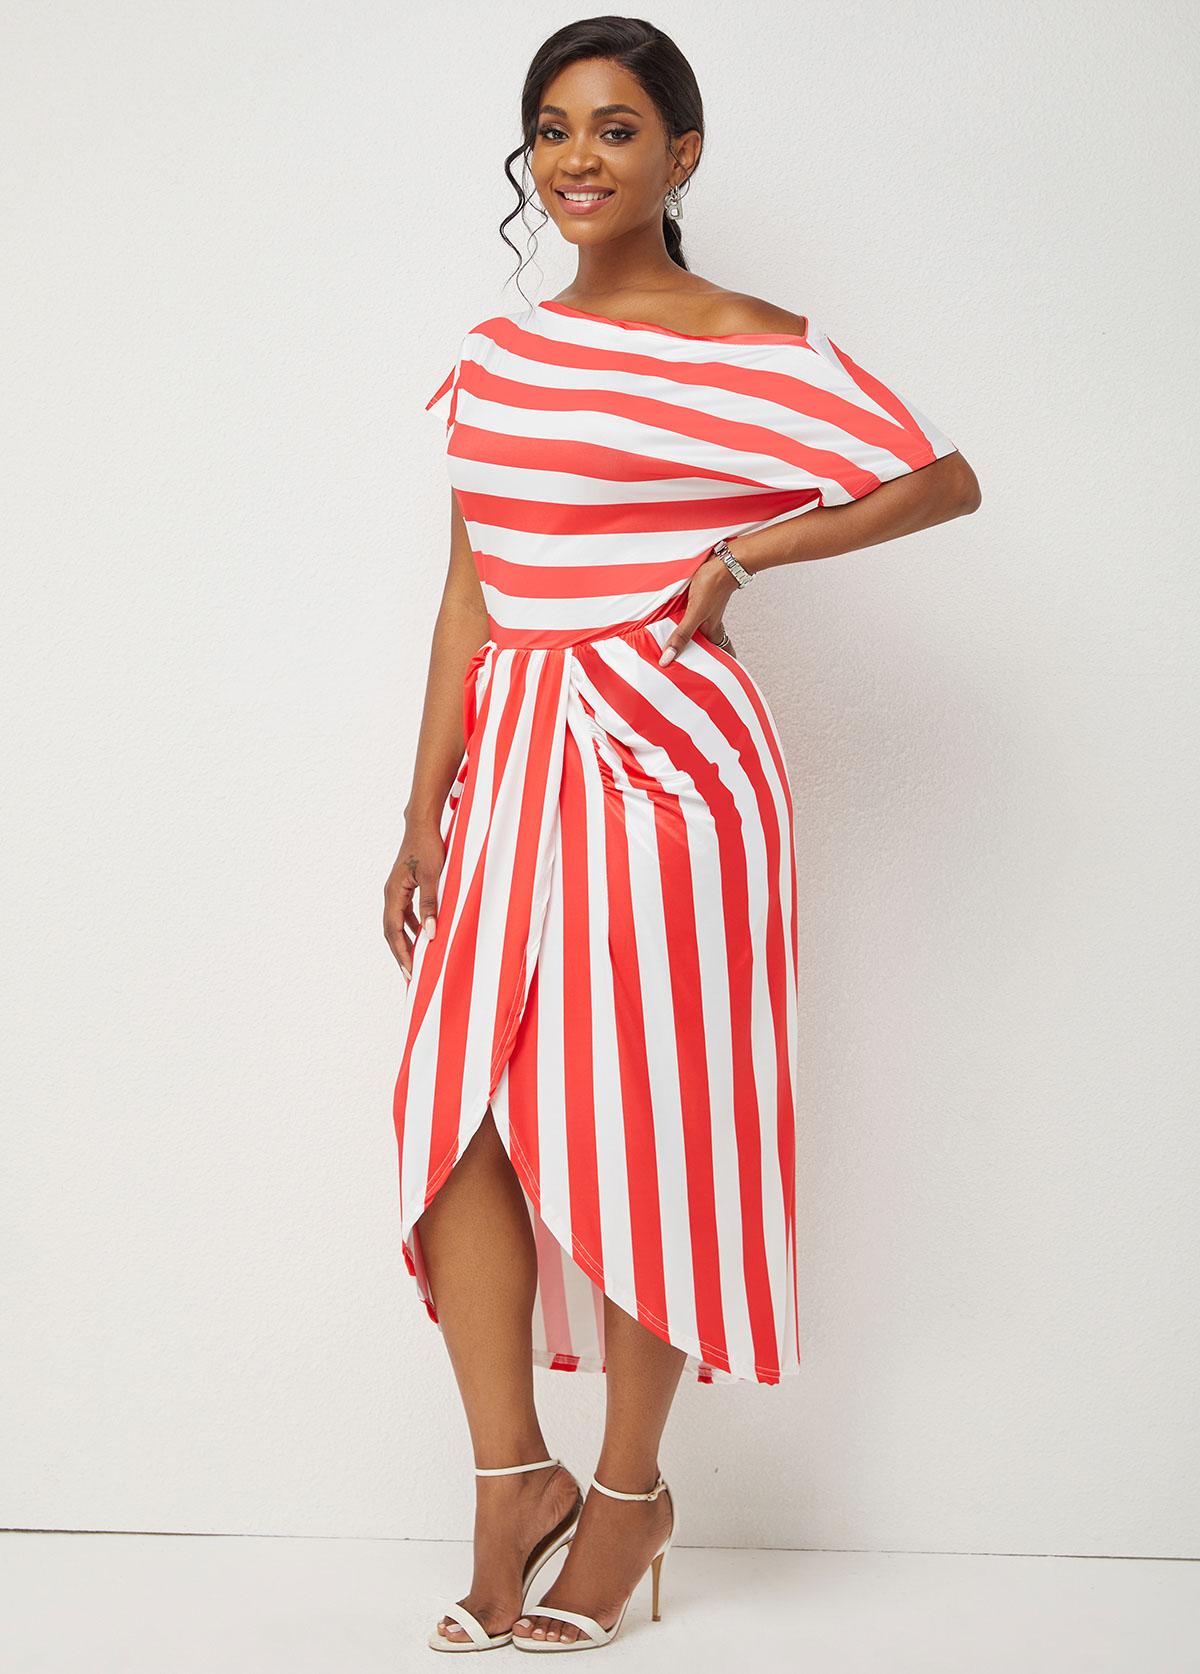 One Shoulder Striped Print Skew Neck Dress